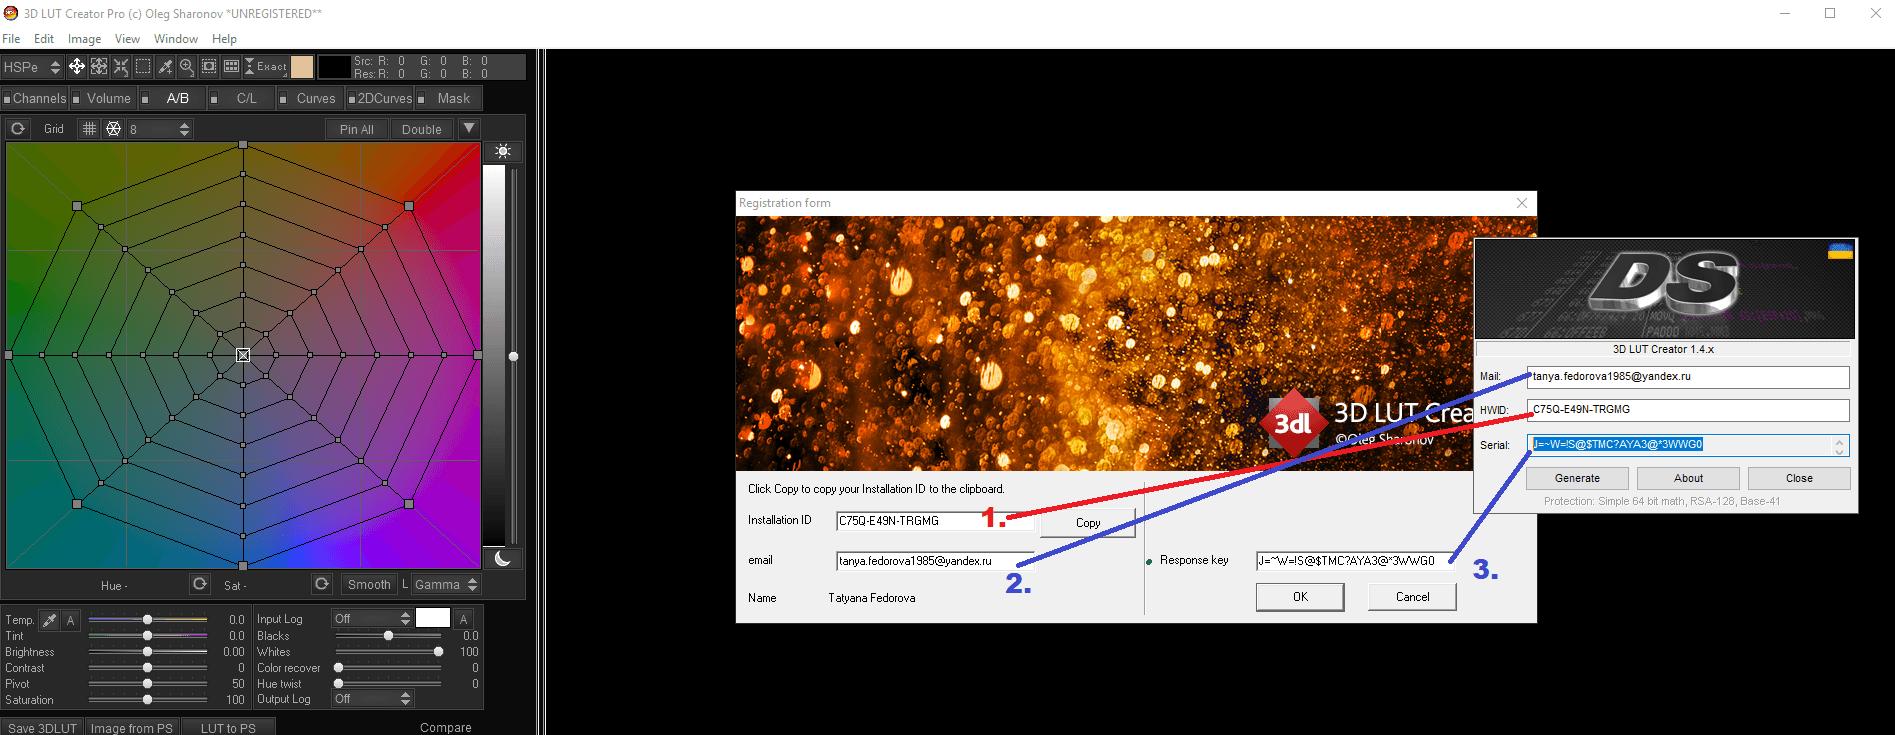 3d lut creator parchea tutorial activar 3dlut